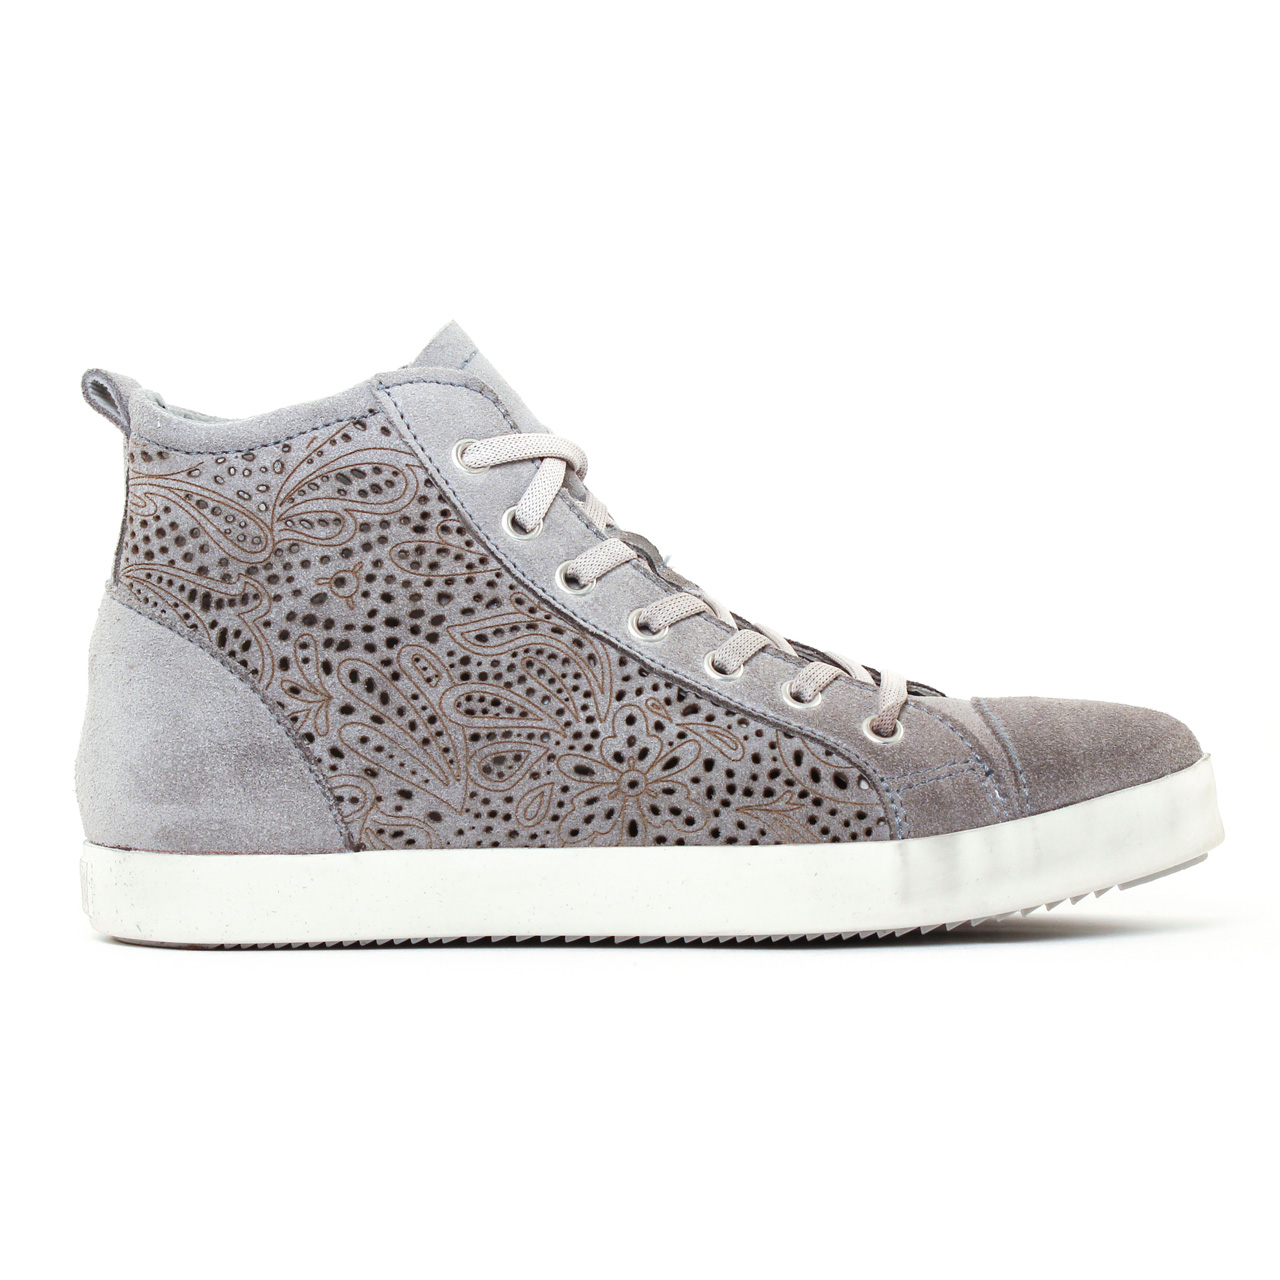 baskets mode gris mode femme printemps été 2017 vue 2